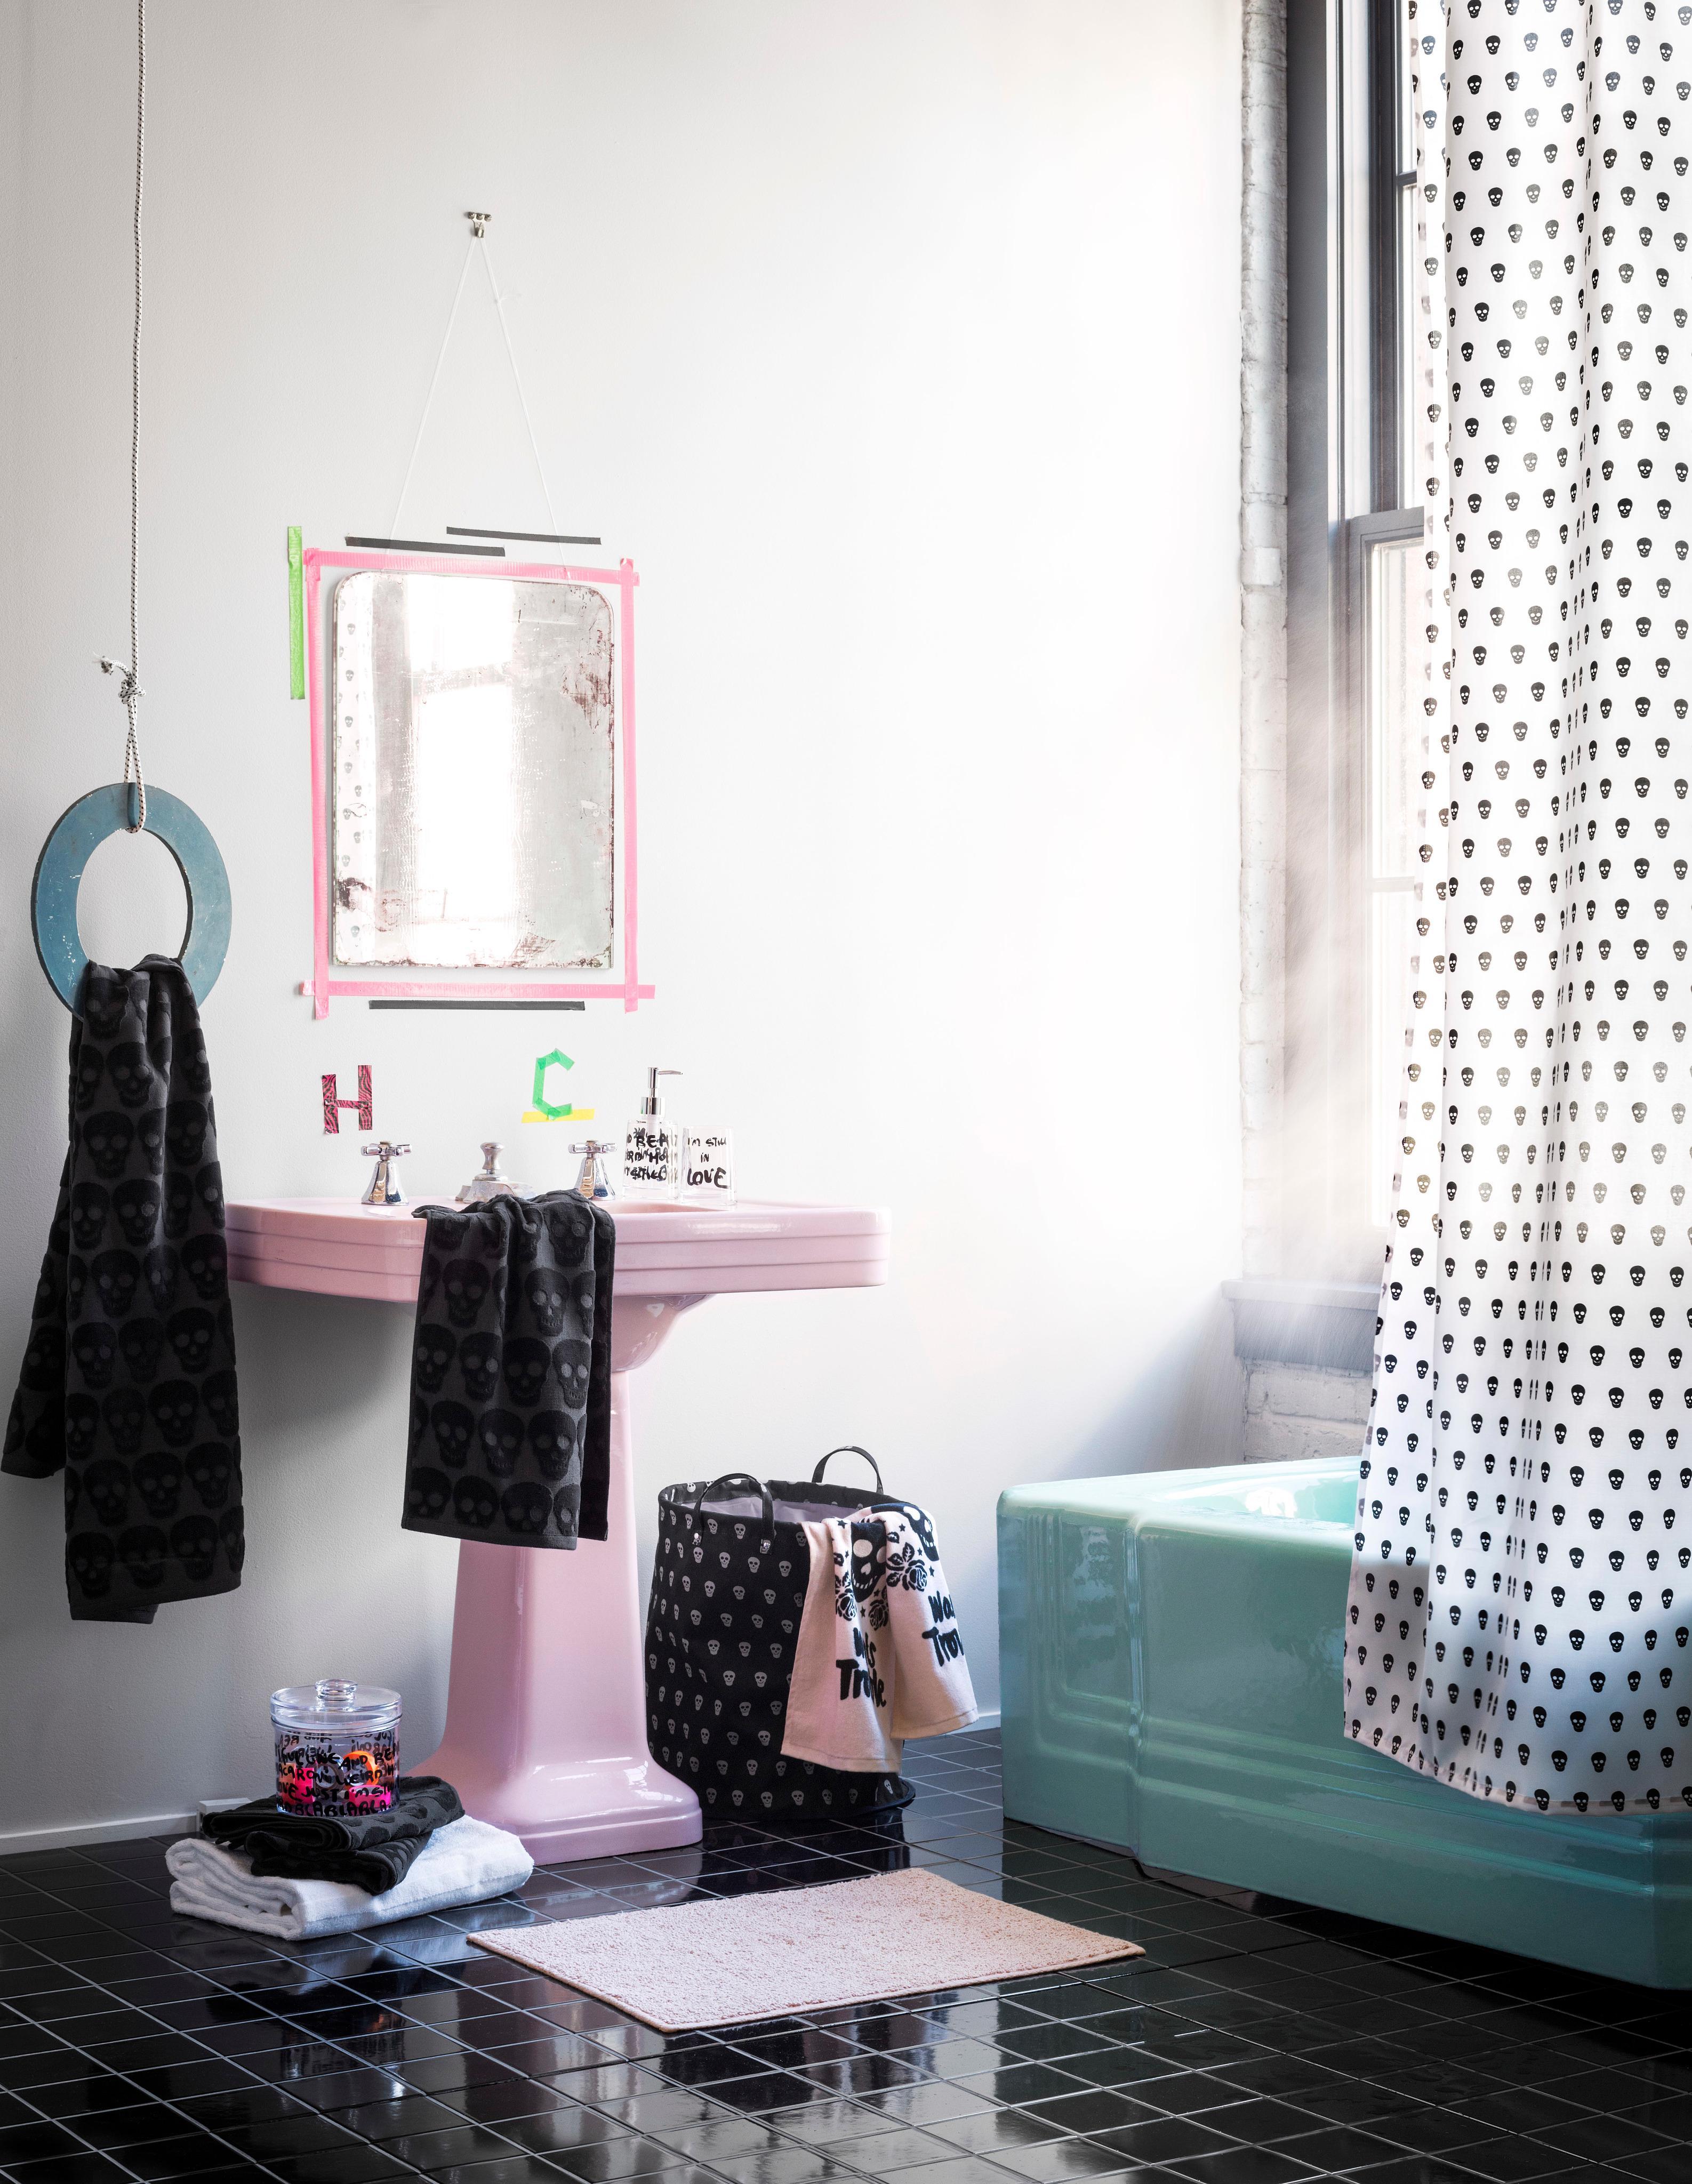 Wandgestaltung Mit Masking Tape #fliesen #duschvorhang #spiegel #waschbecken  #vorhang #wandspiegel